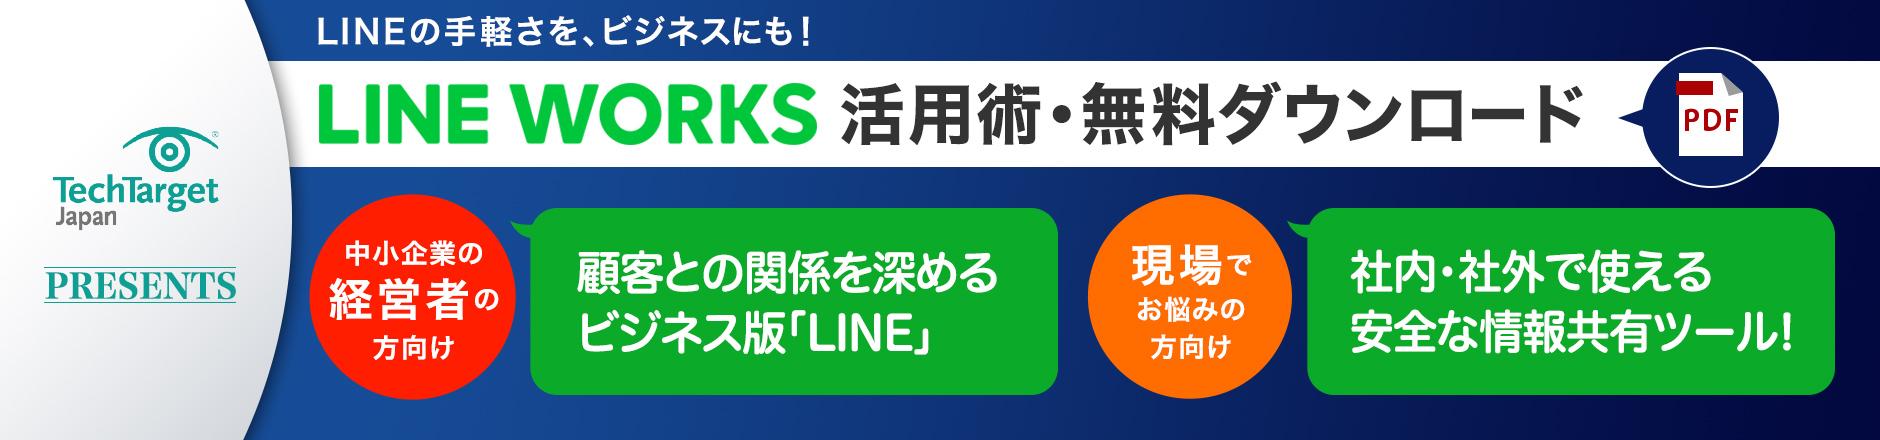 LINEの手軽さを、ビジネスにも! LINE WORKS活用術・無料ダウンロード 中小企業の経営者の方向け 顧客との関係を深めるビジネス版「LINE」 現場でお悩みの方向け 社内・社外で使える安全な情報共有ツール!